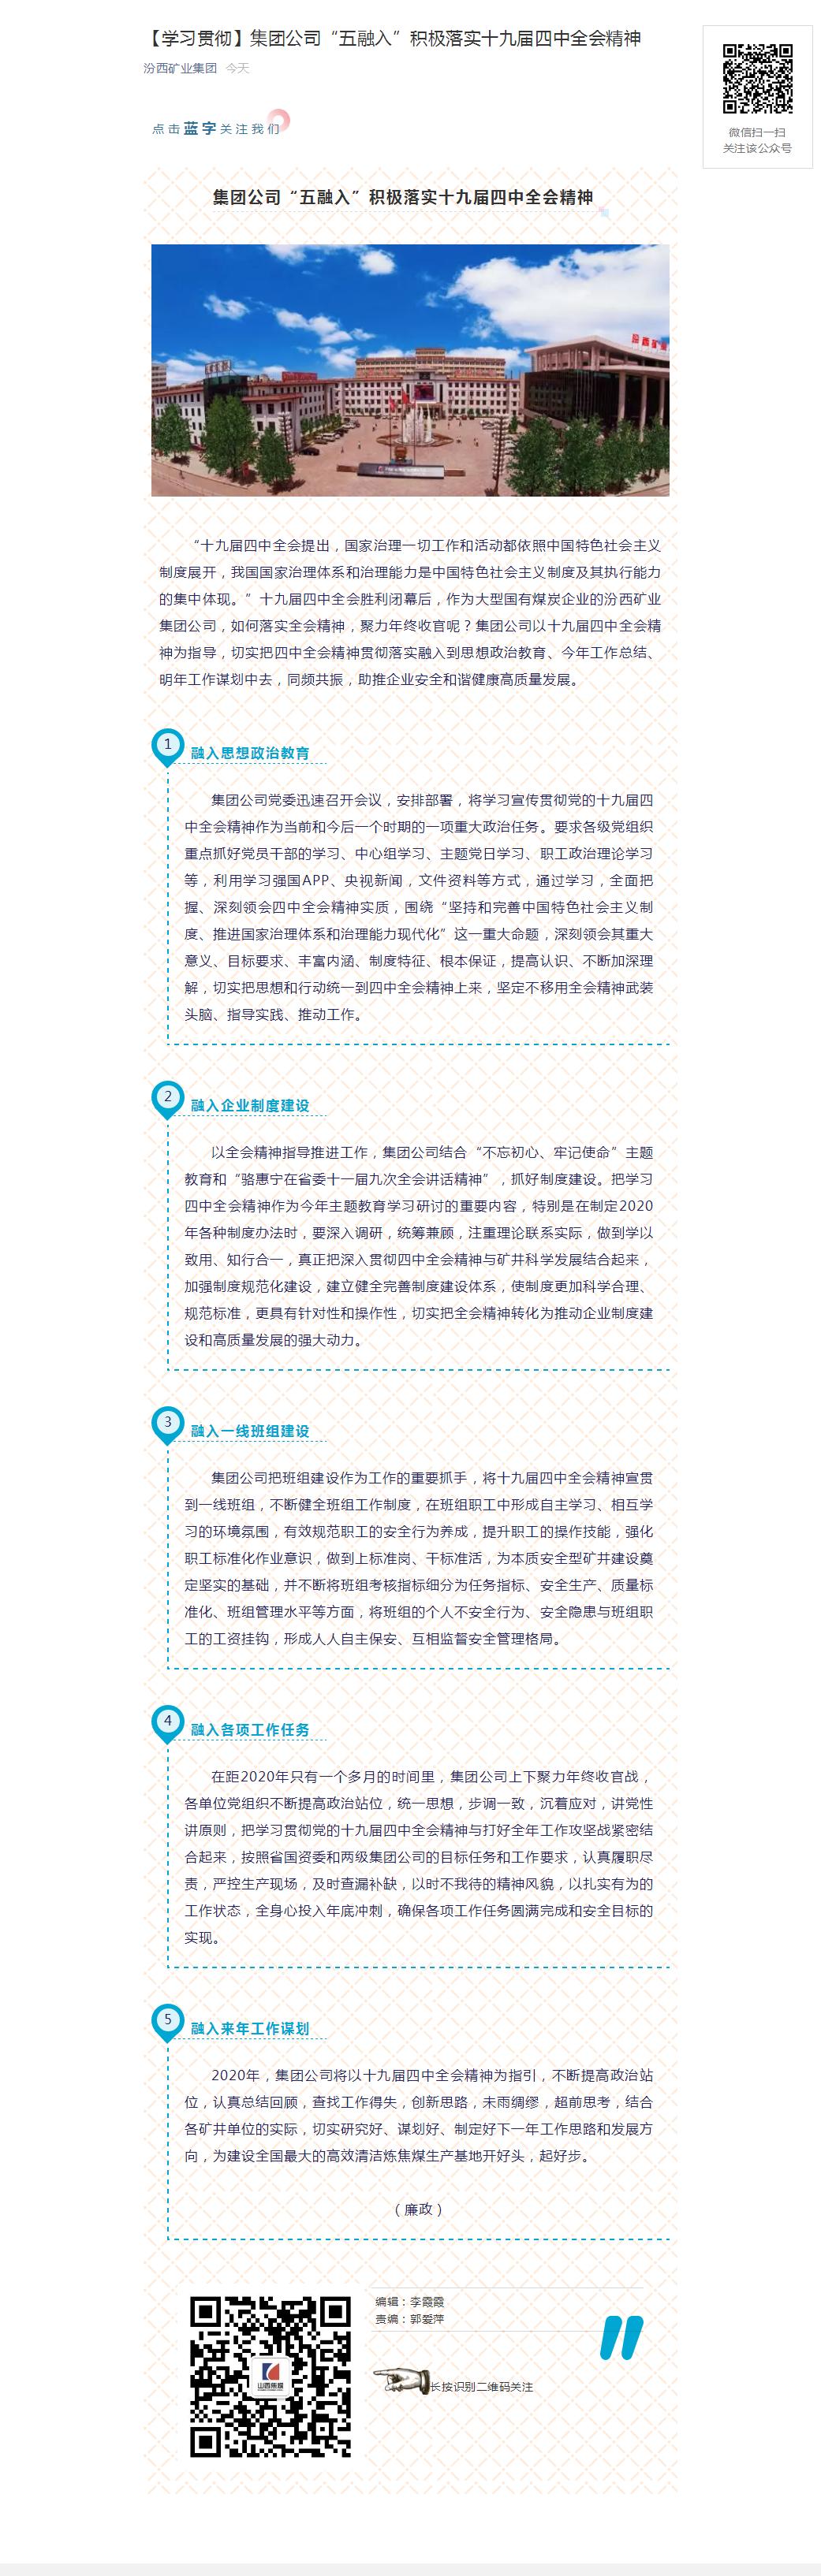 """【學習貫徹】集團公司""""五融入""""積極落實十九屆四中全會精神.png"""